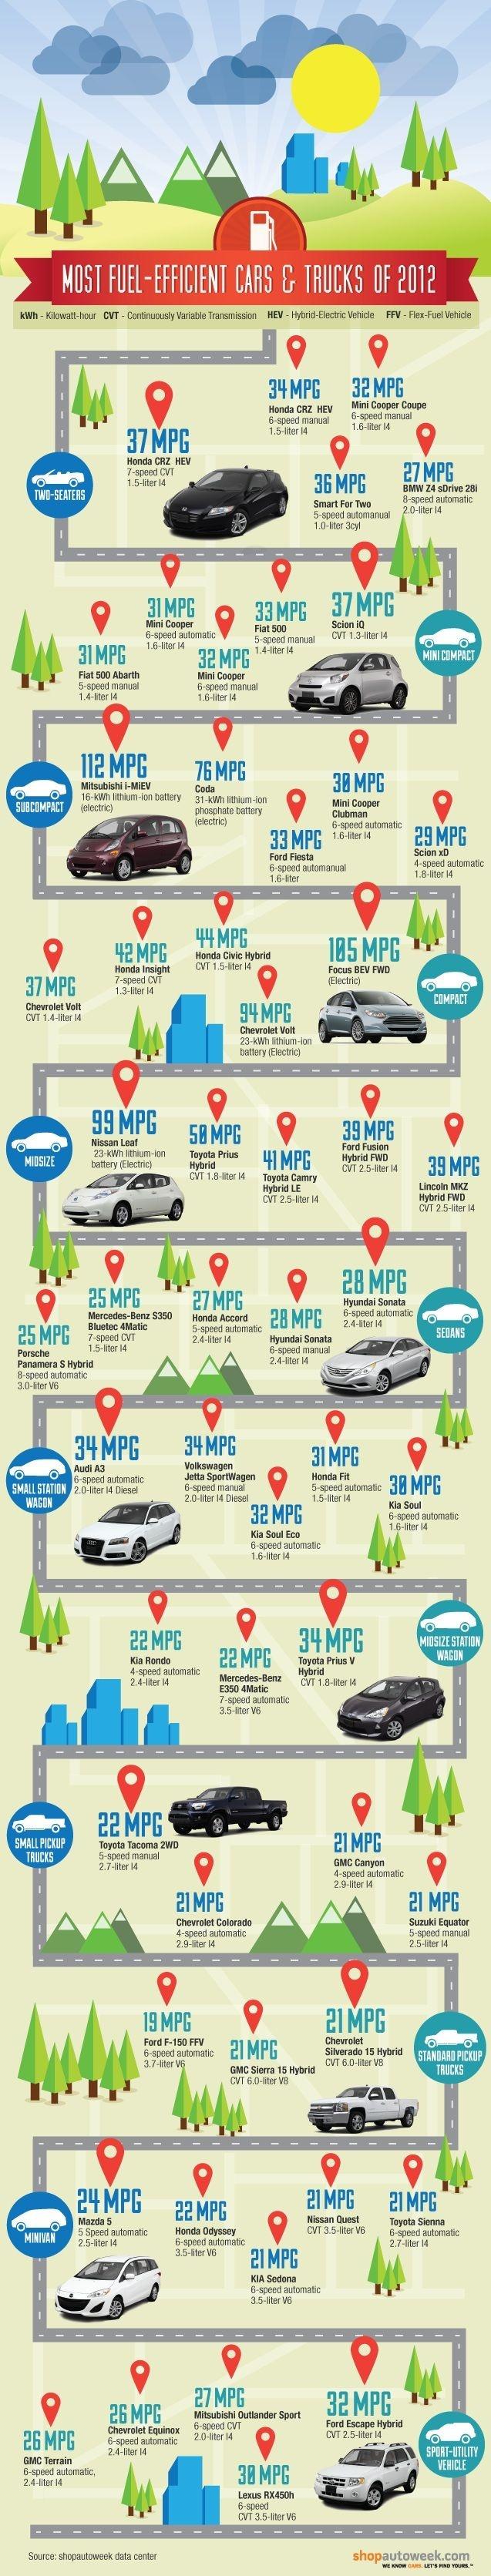 Most fuel efficient cars trucks of 2012